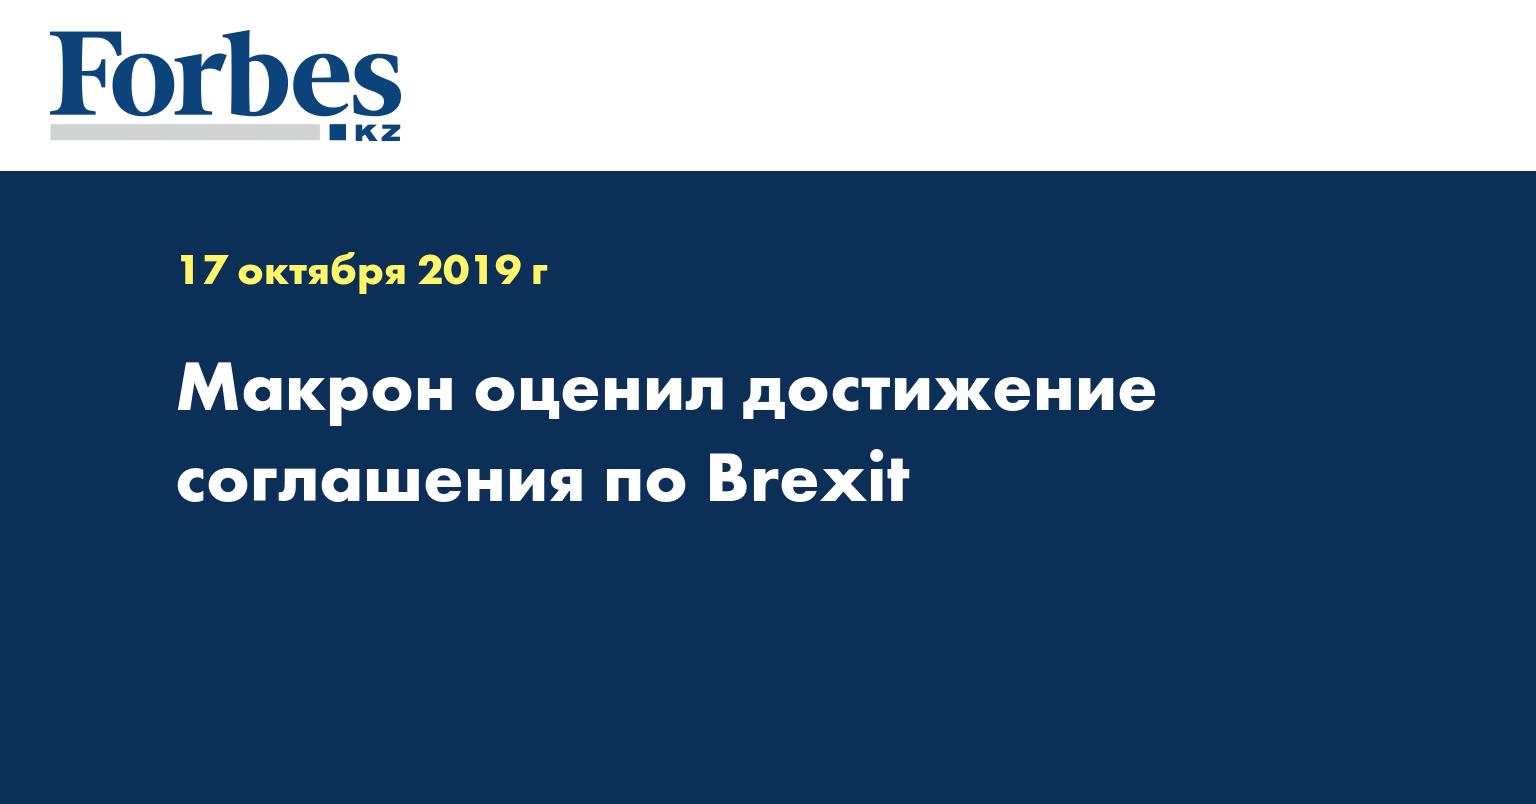 Макрон оценил достижение соглашения по Brexit